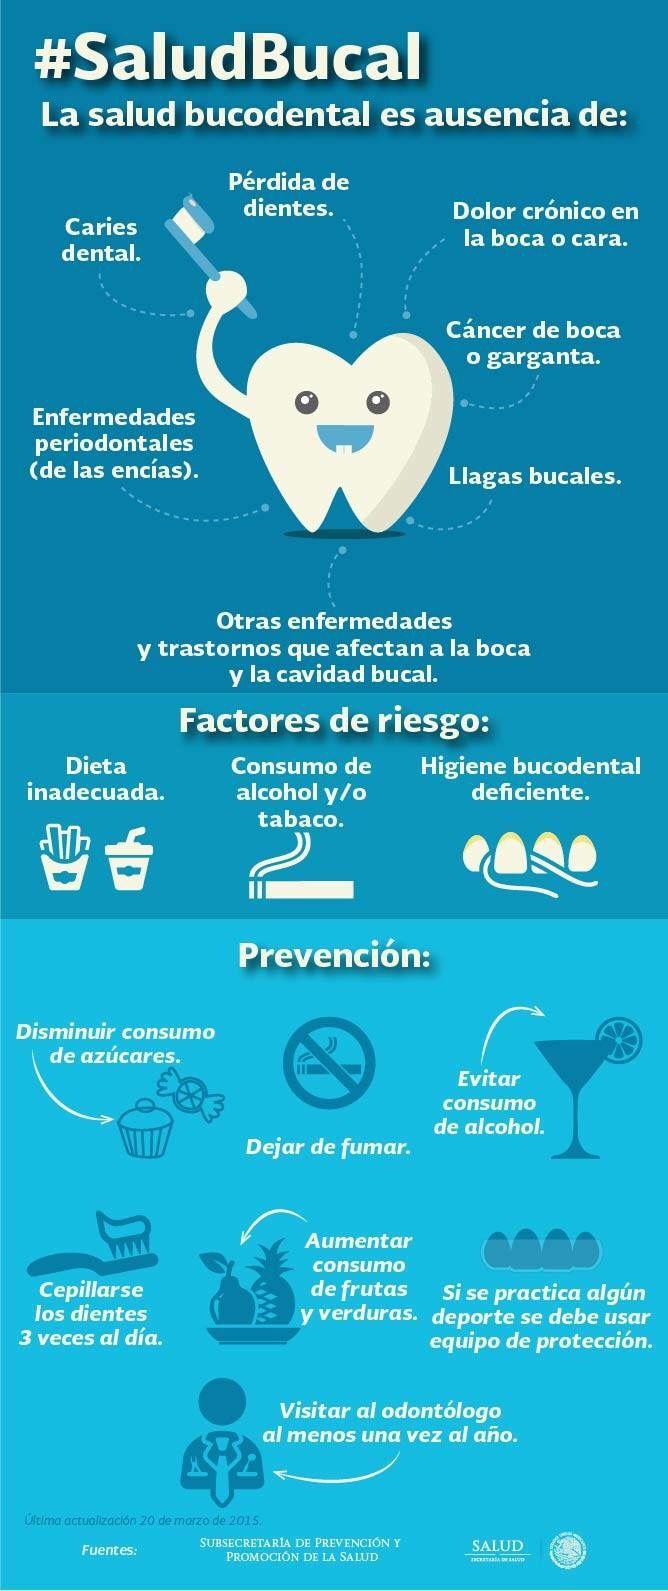 #SaludBucal es muy importante para la salud general . www.clinicadentalmagallanes.com